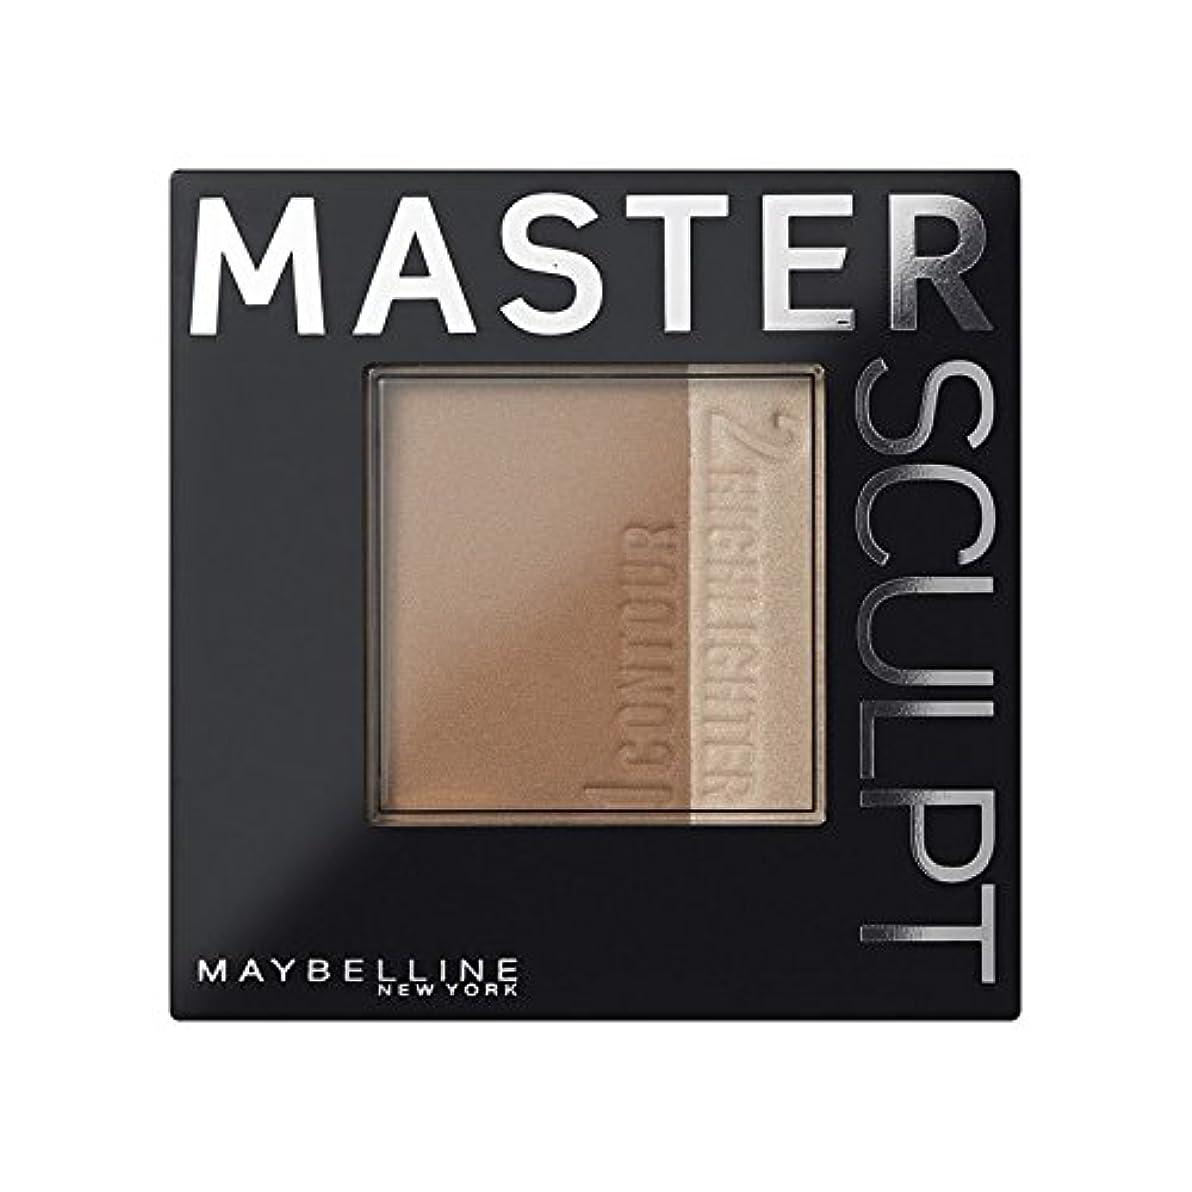 ケーブル発明するするMaybelline Master Sculpt Contouring Foundation 01 Light/Med - 土台01光/ を輪郭メイベリンマスタースカルプト [並行輸入品]